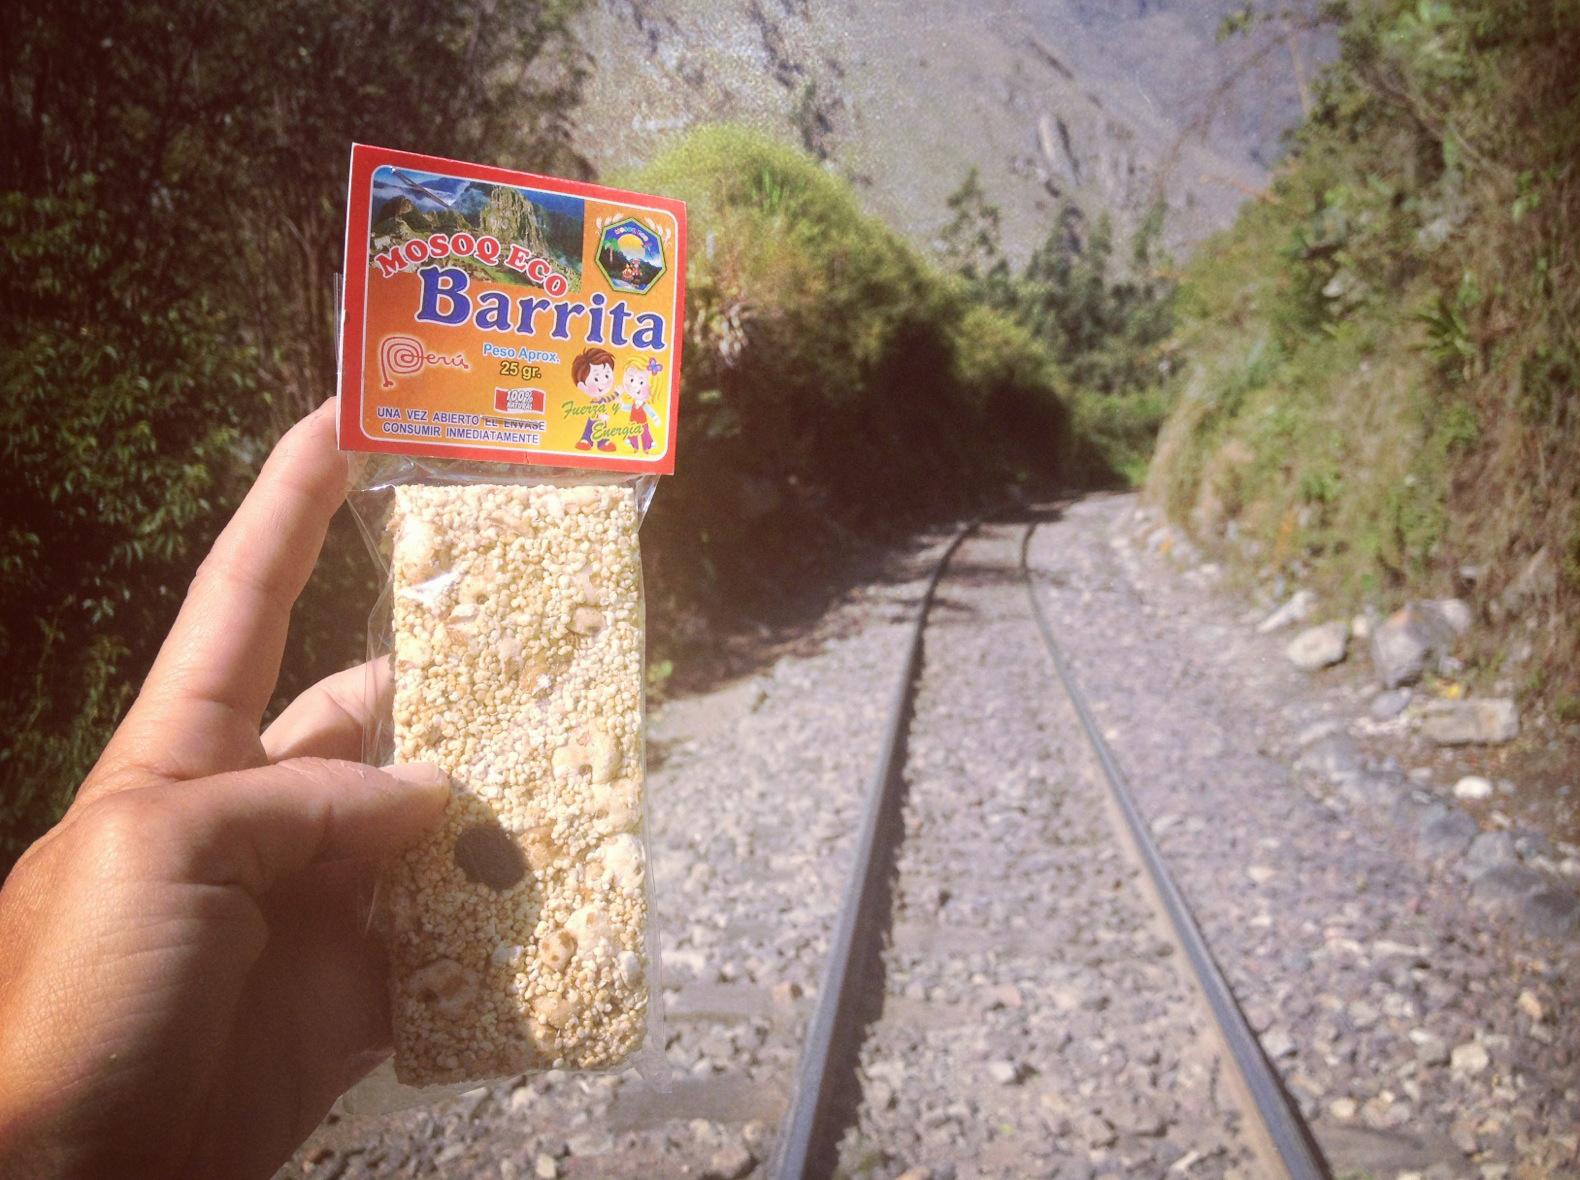 Peru 2013_Camino barato a Machu Pichu. Barrita energética natural. Sonsoles Lozano